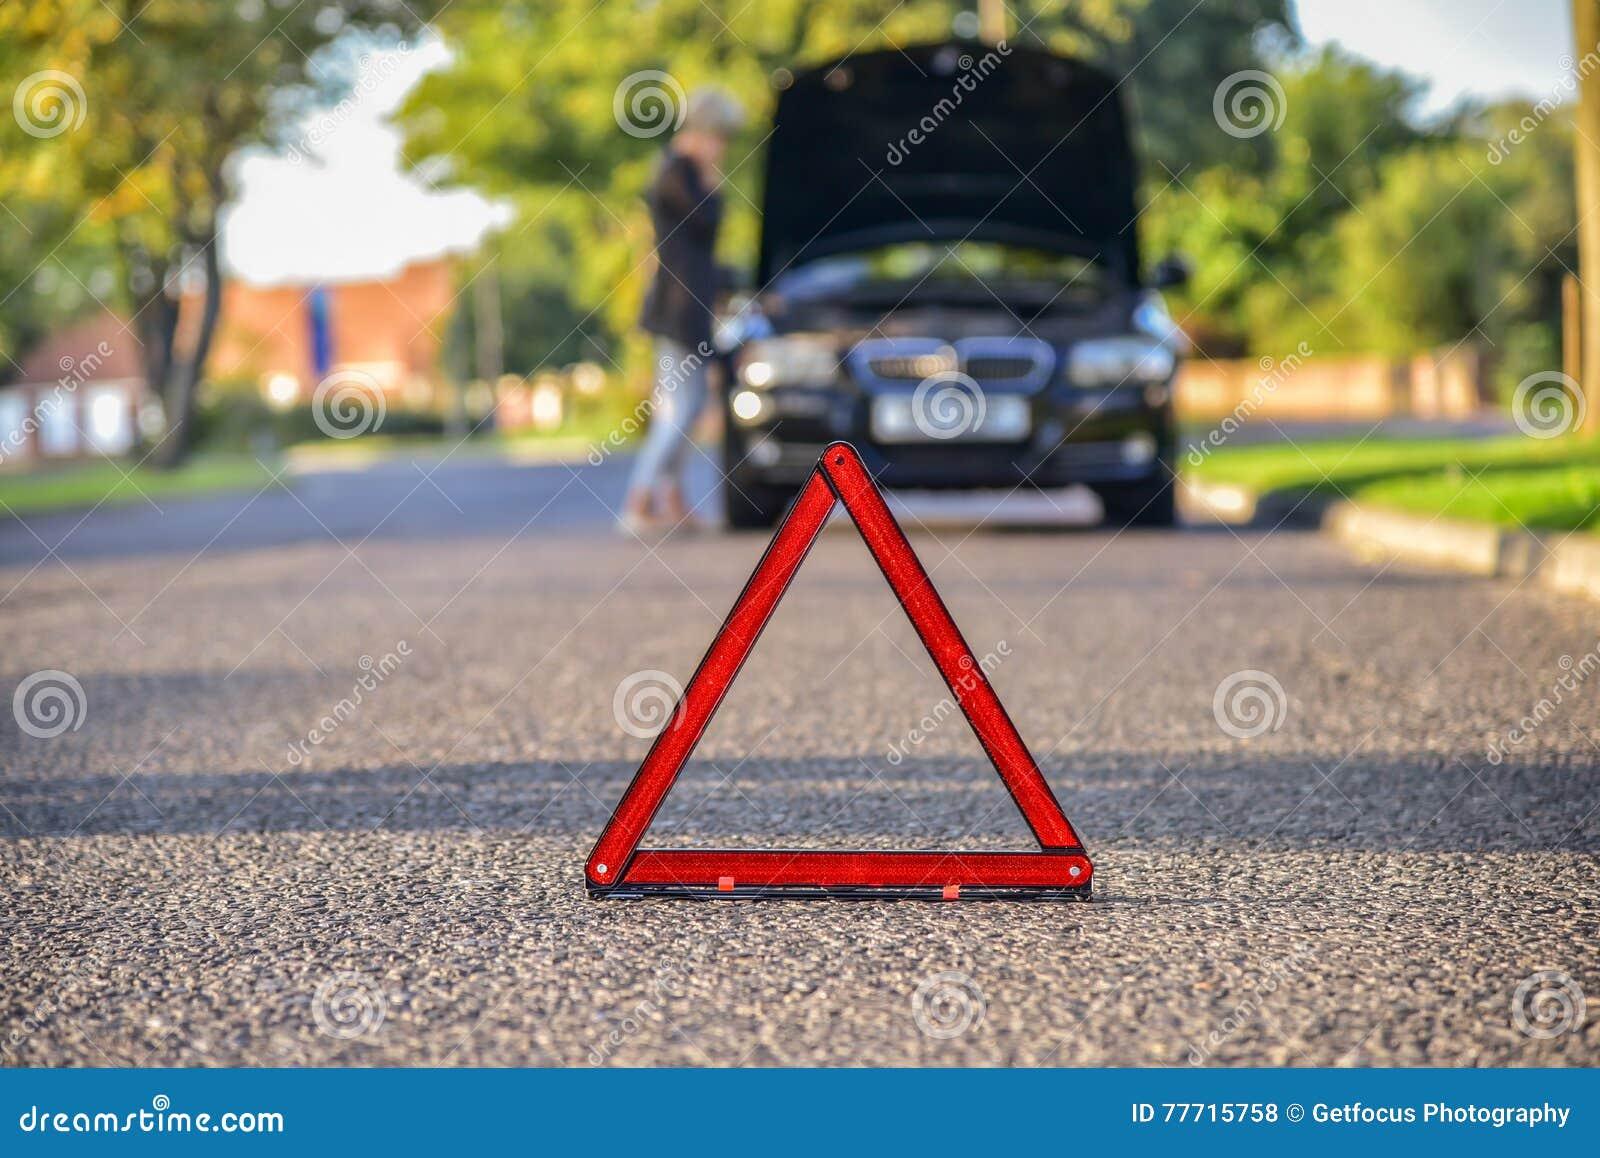 Αναλύω αυτοκίνητο στο δρόμο